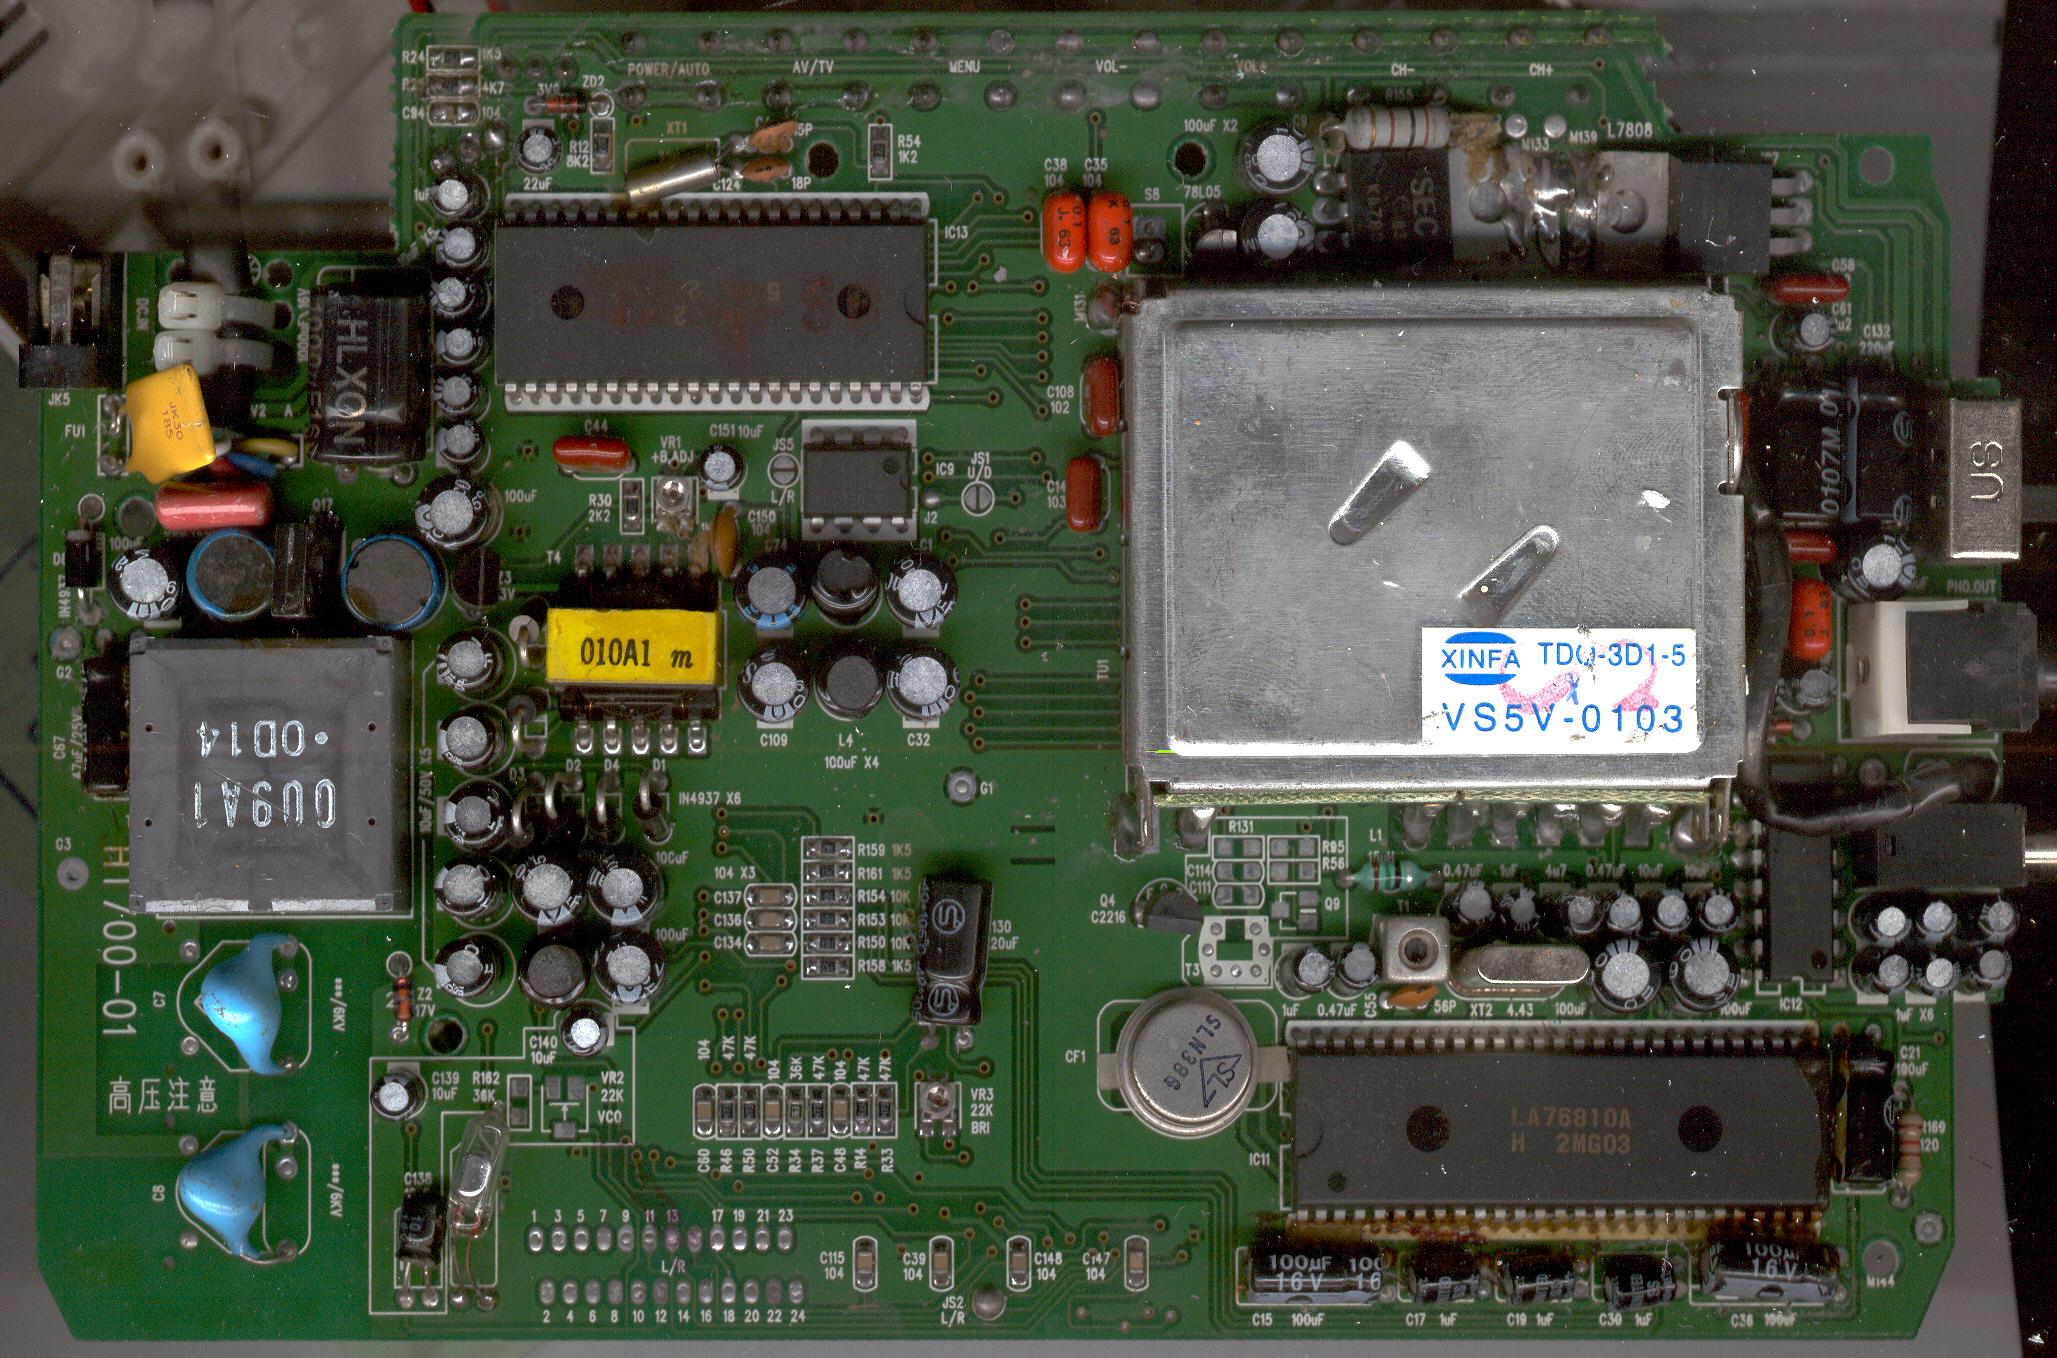 Схема принципиальная телевизора funai tv 2500 MK8.  Сотни гигабайт электрических схем, сервисных мануалов, прошивок...